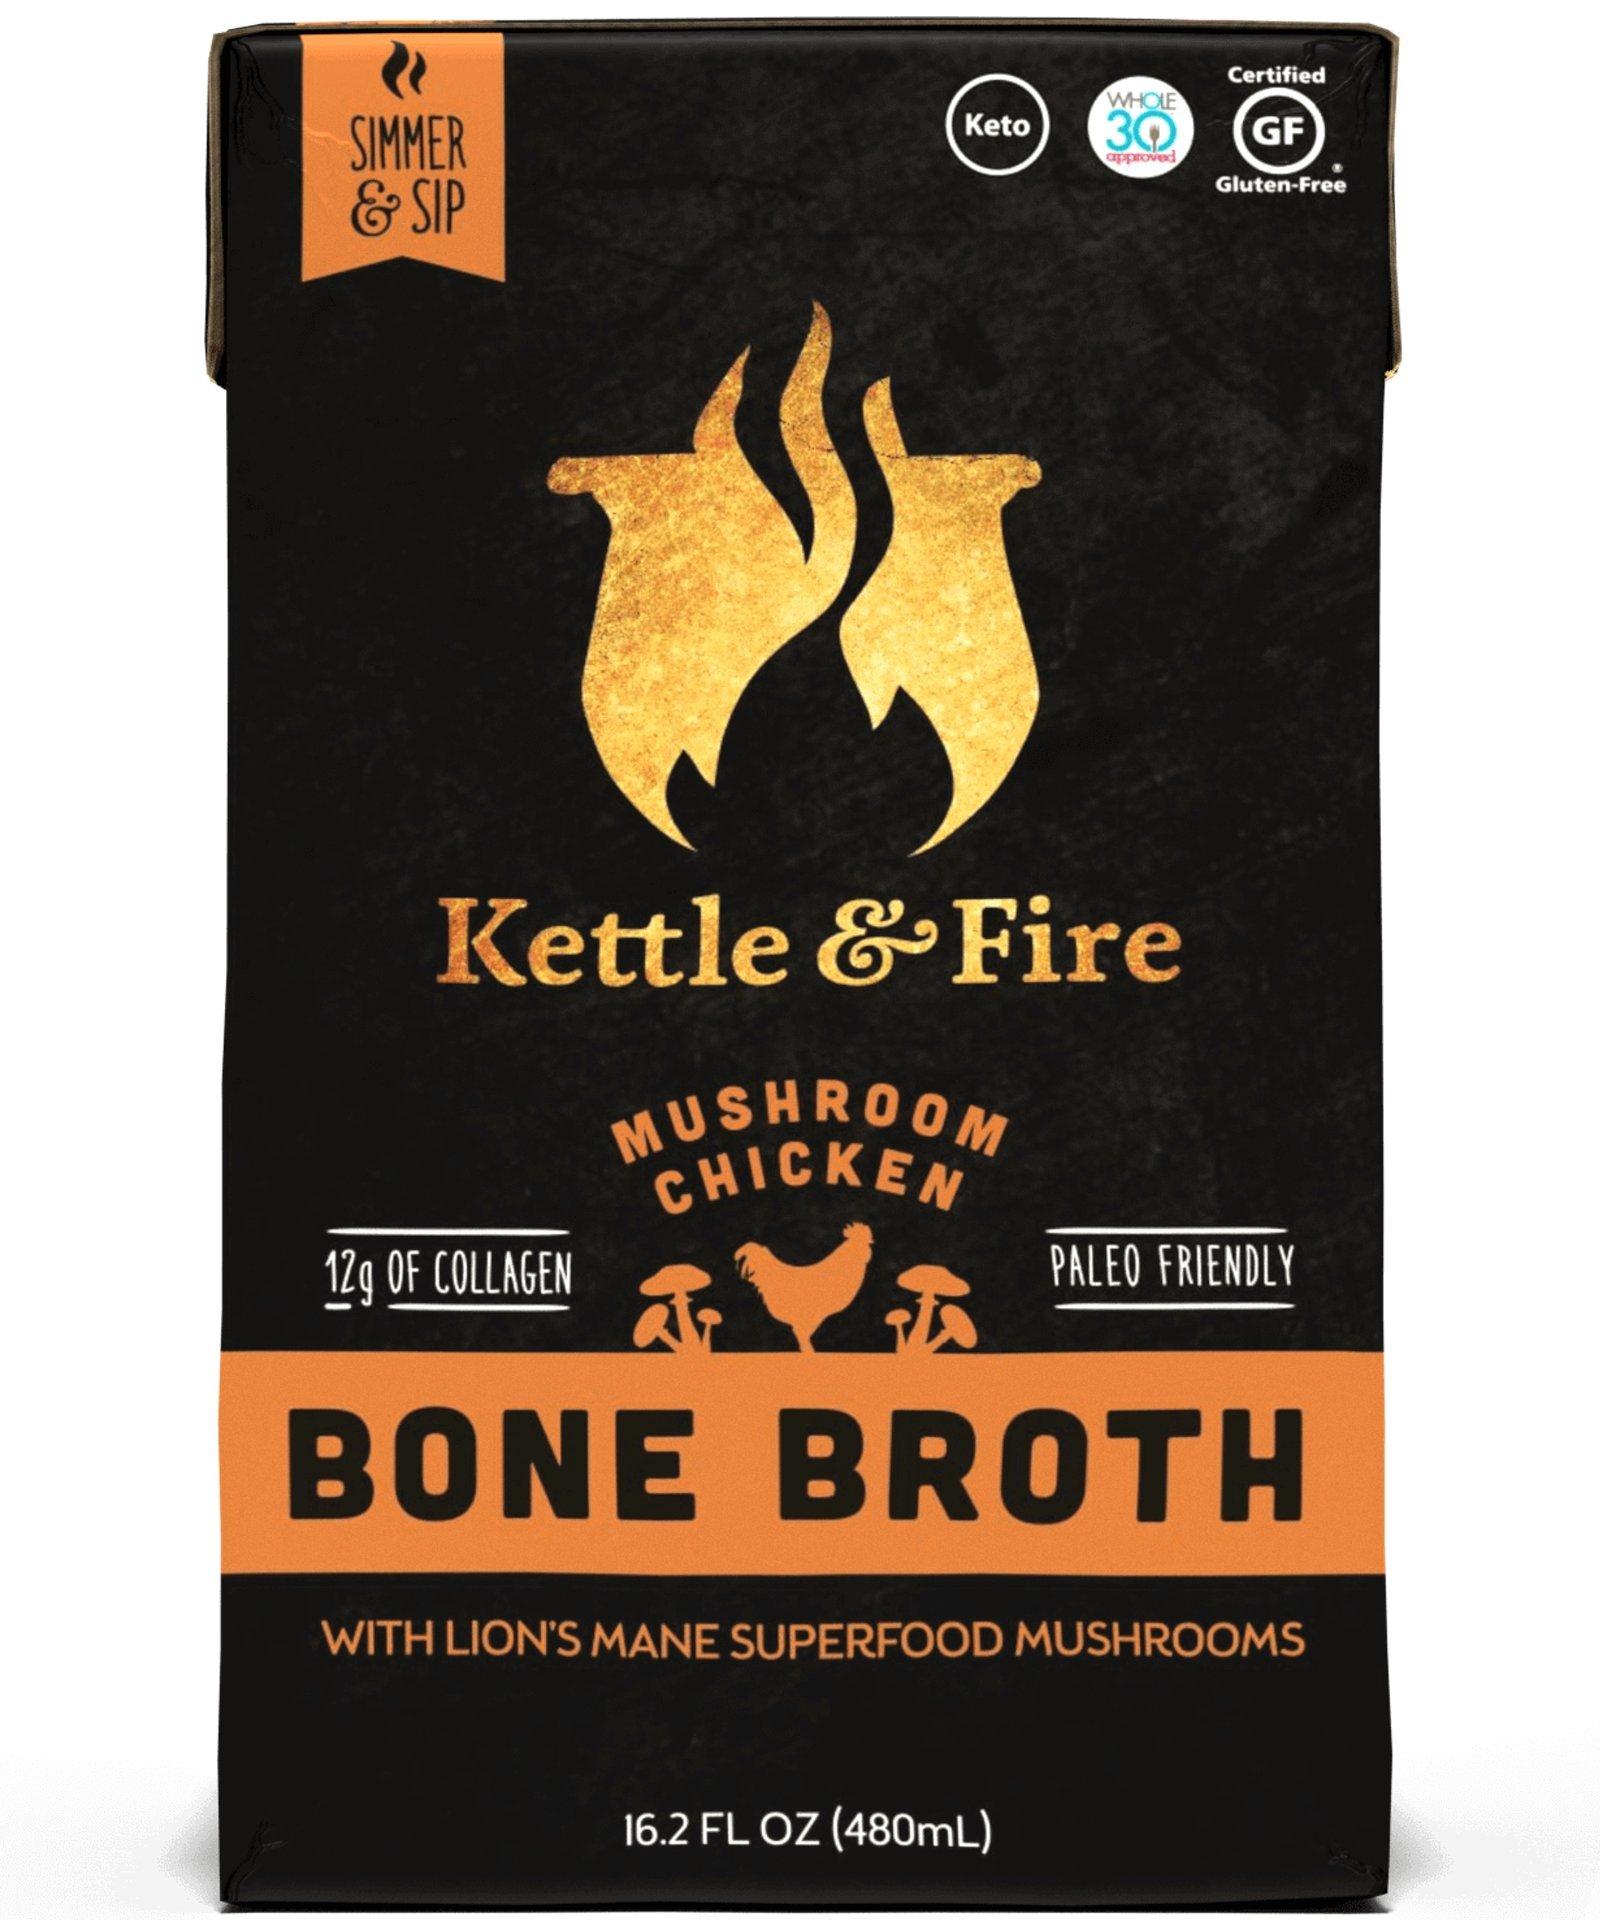 2 Mushroom Chicken Bone Broth- Collagen & Gelatin Rich Bonebroth for Ketogenic Diet or Paleo Keto Snack w Lion's Mane & 10g Protein. Gluten Free Gut & Digestive Friendly Nutrition from Ancient Source